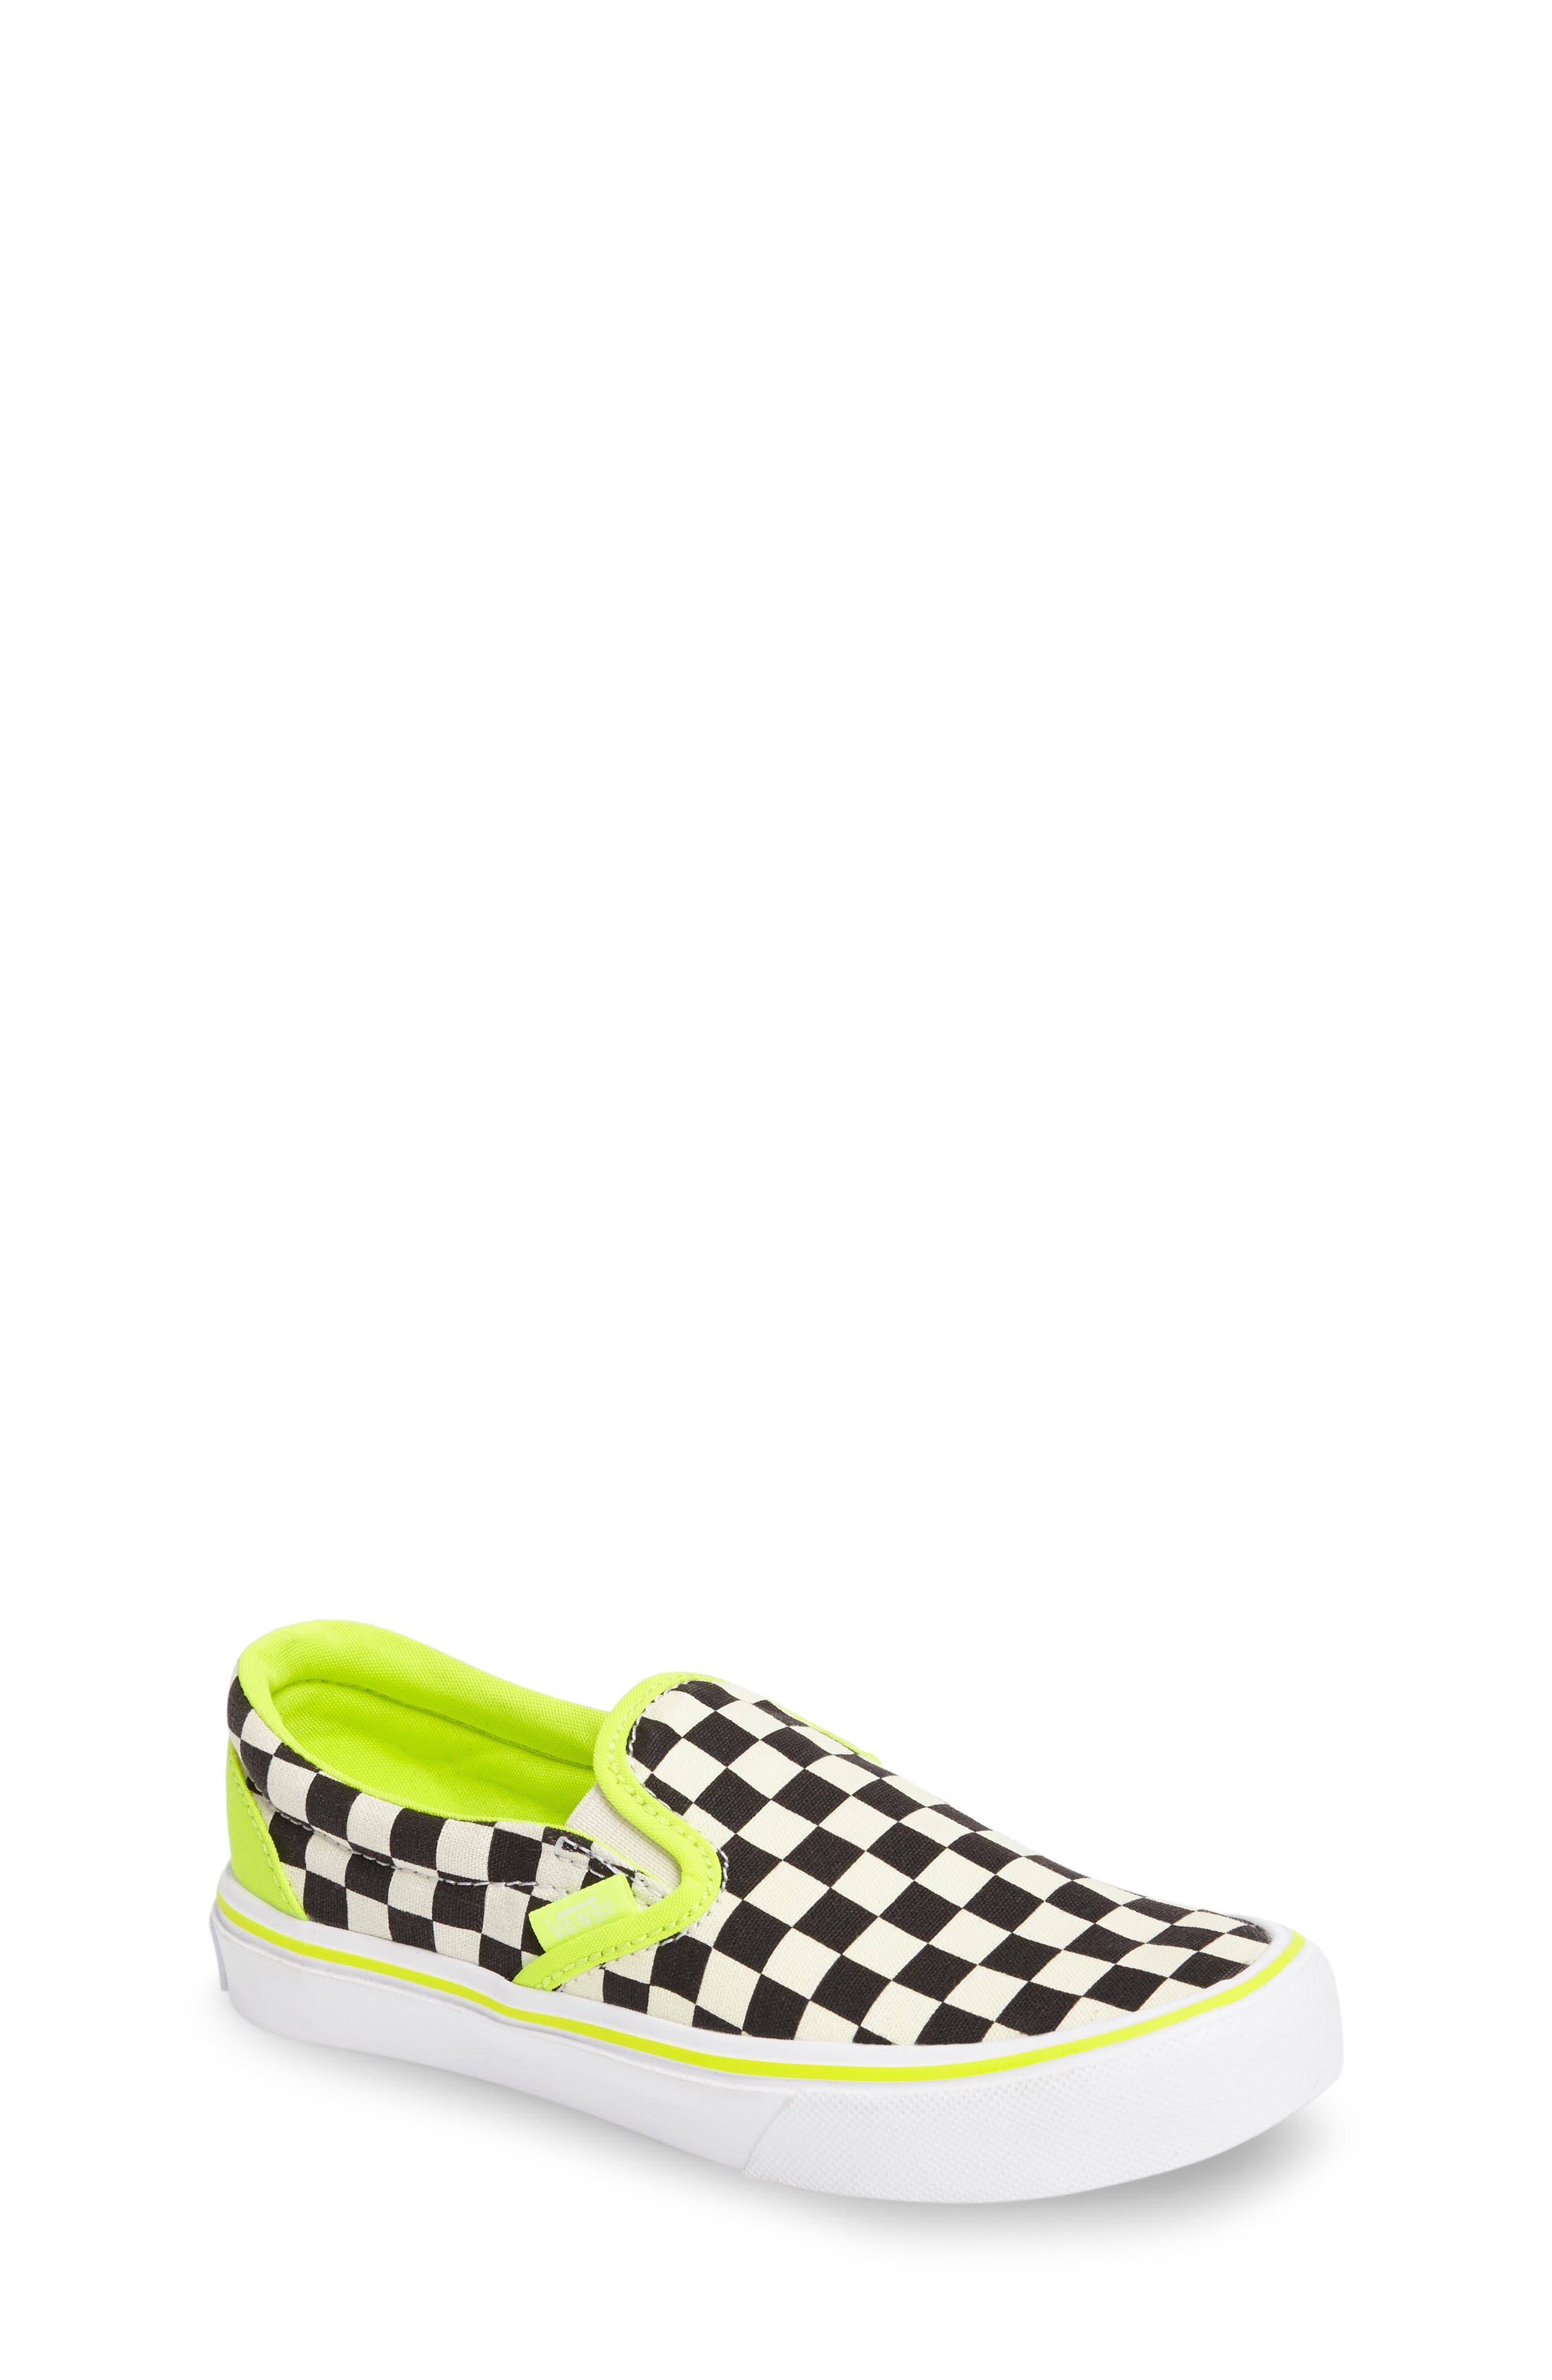 Main Image - Vans Classic Freshness Slip-On Lite Sneaker (Toddler, Little Kid & Big Kid)